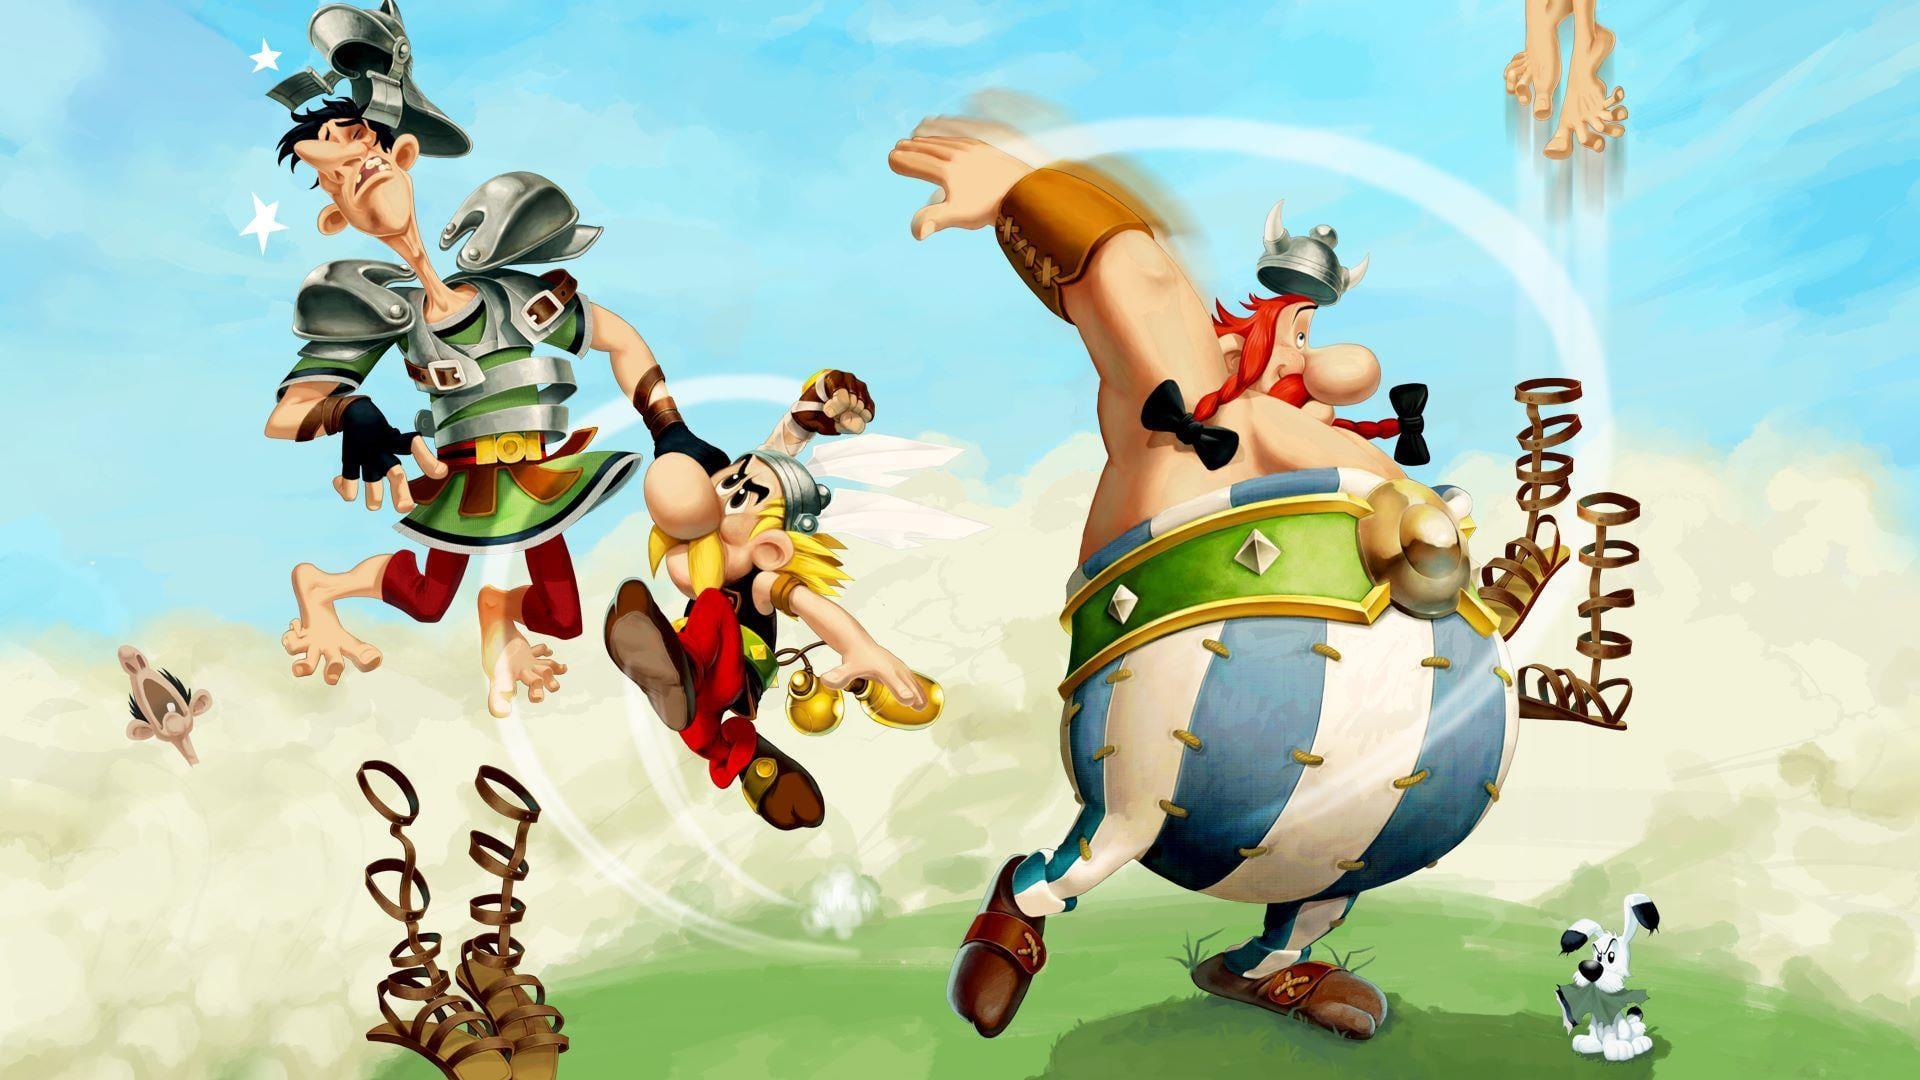 Опубликован трейлер «римастера» Asterix & Obelix XXL